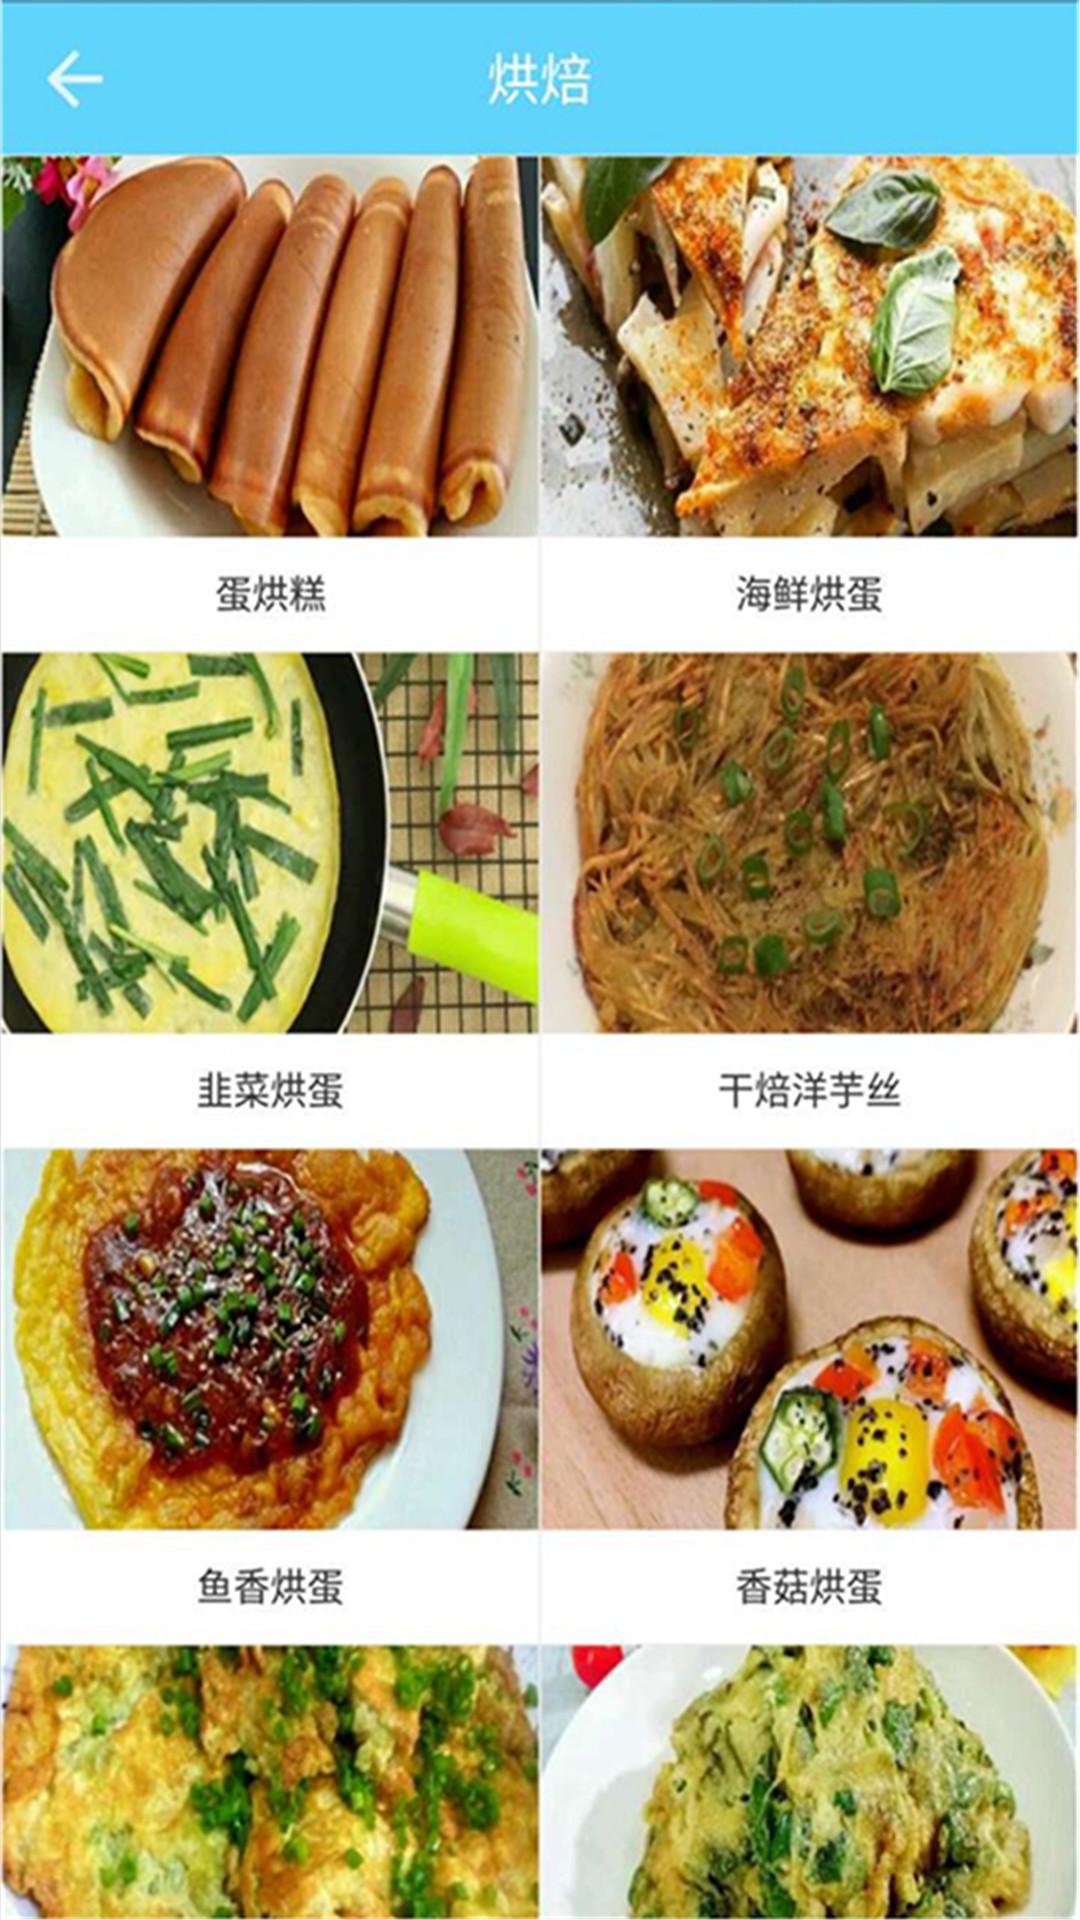 菜谱食谱果豆瓣酱截图3